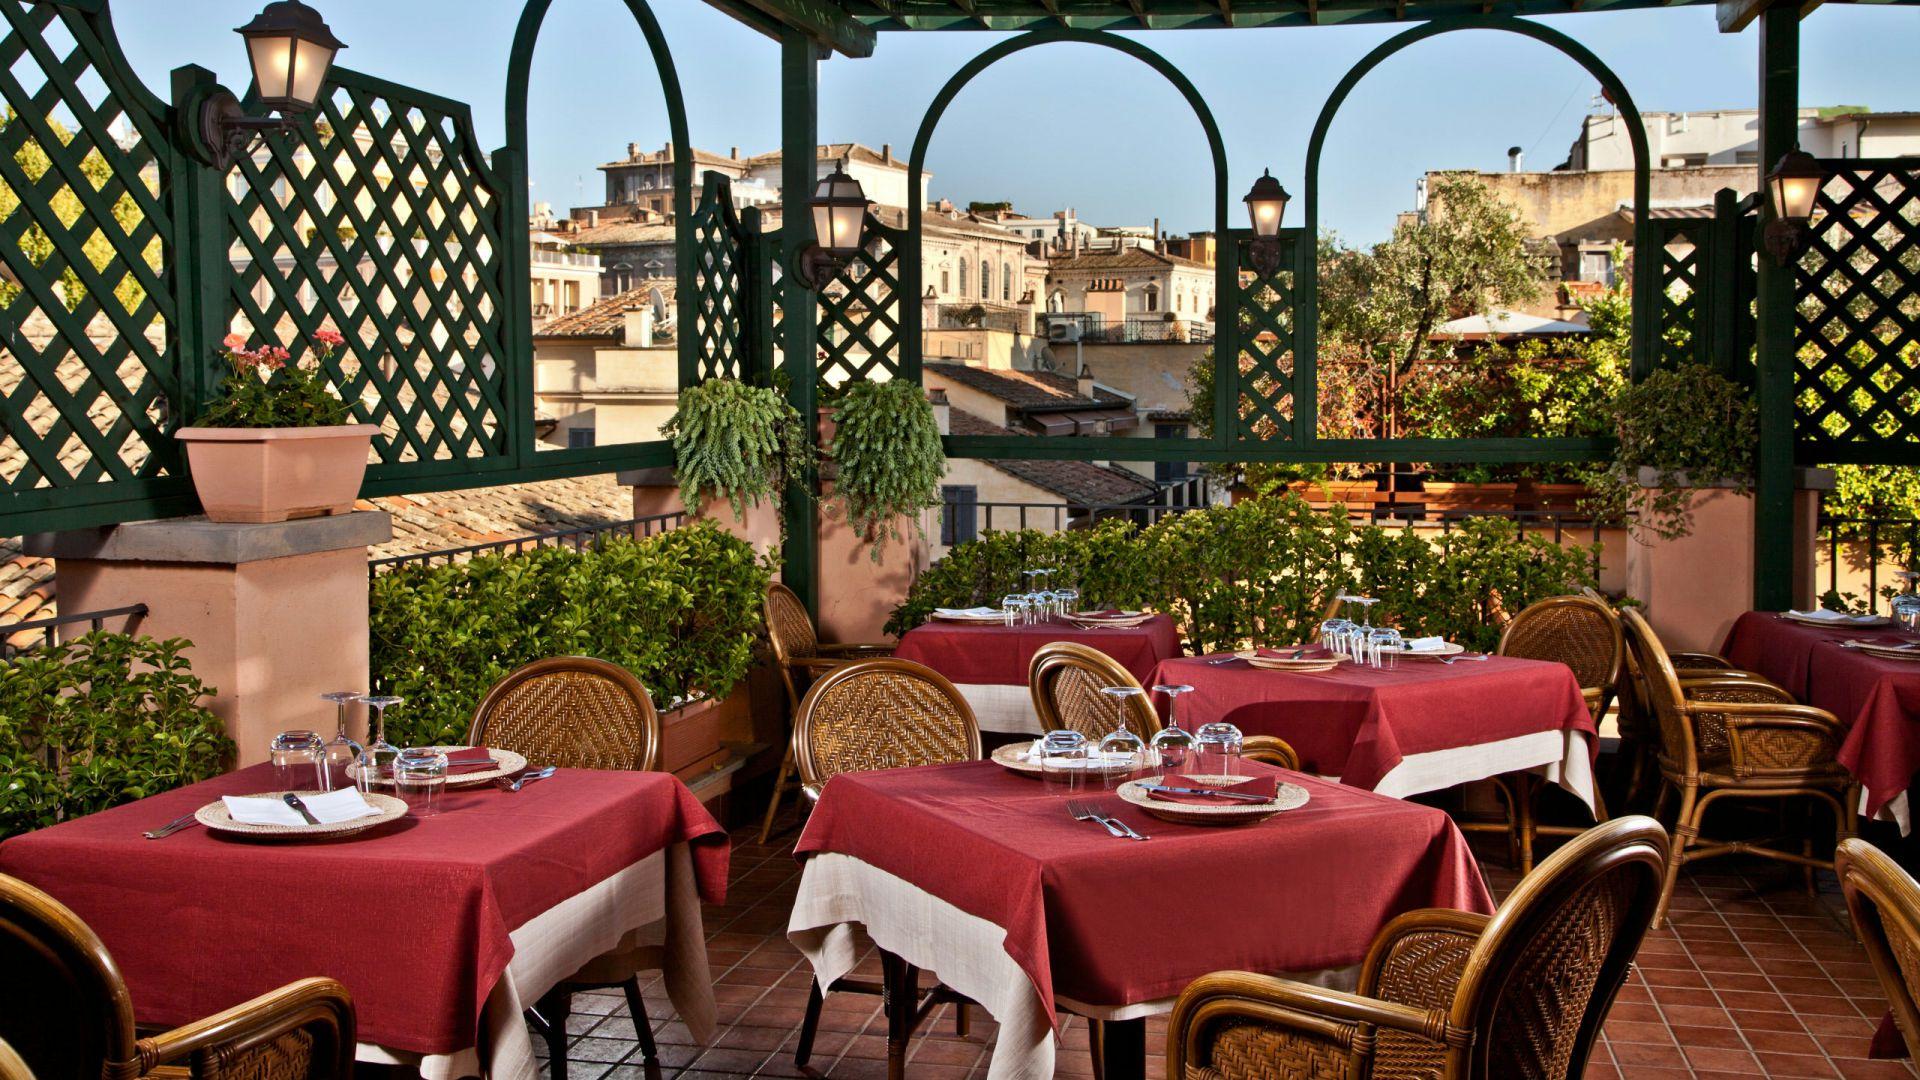 albergo-ottocento-rome-terrace-01